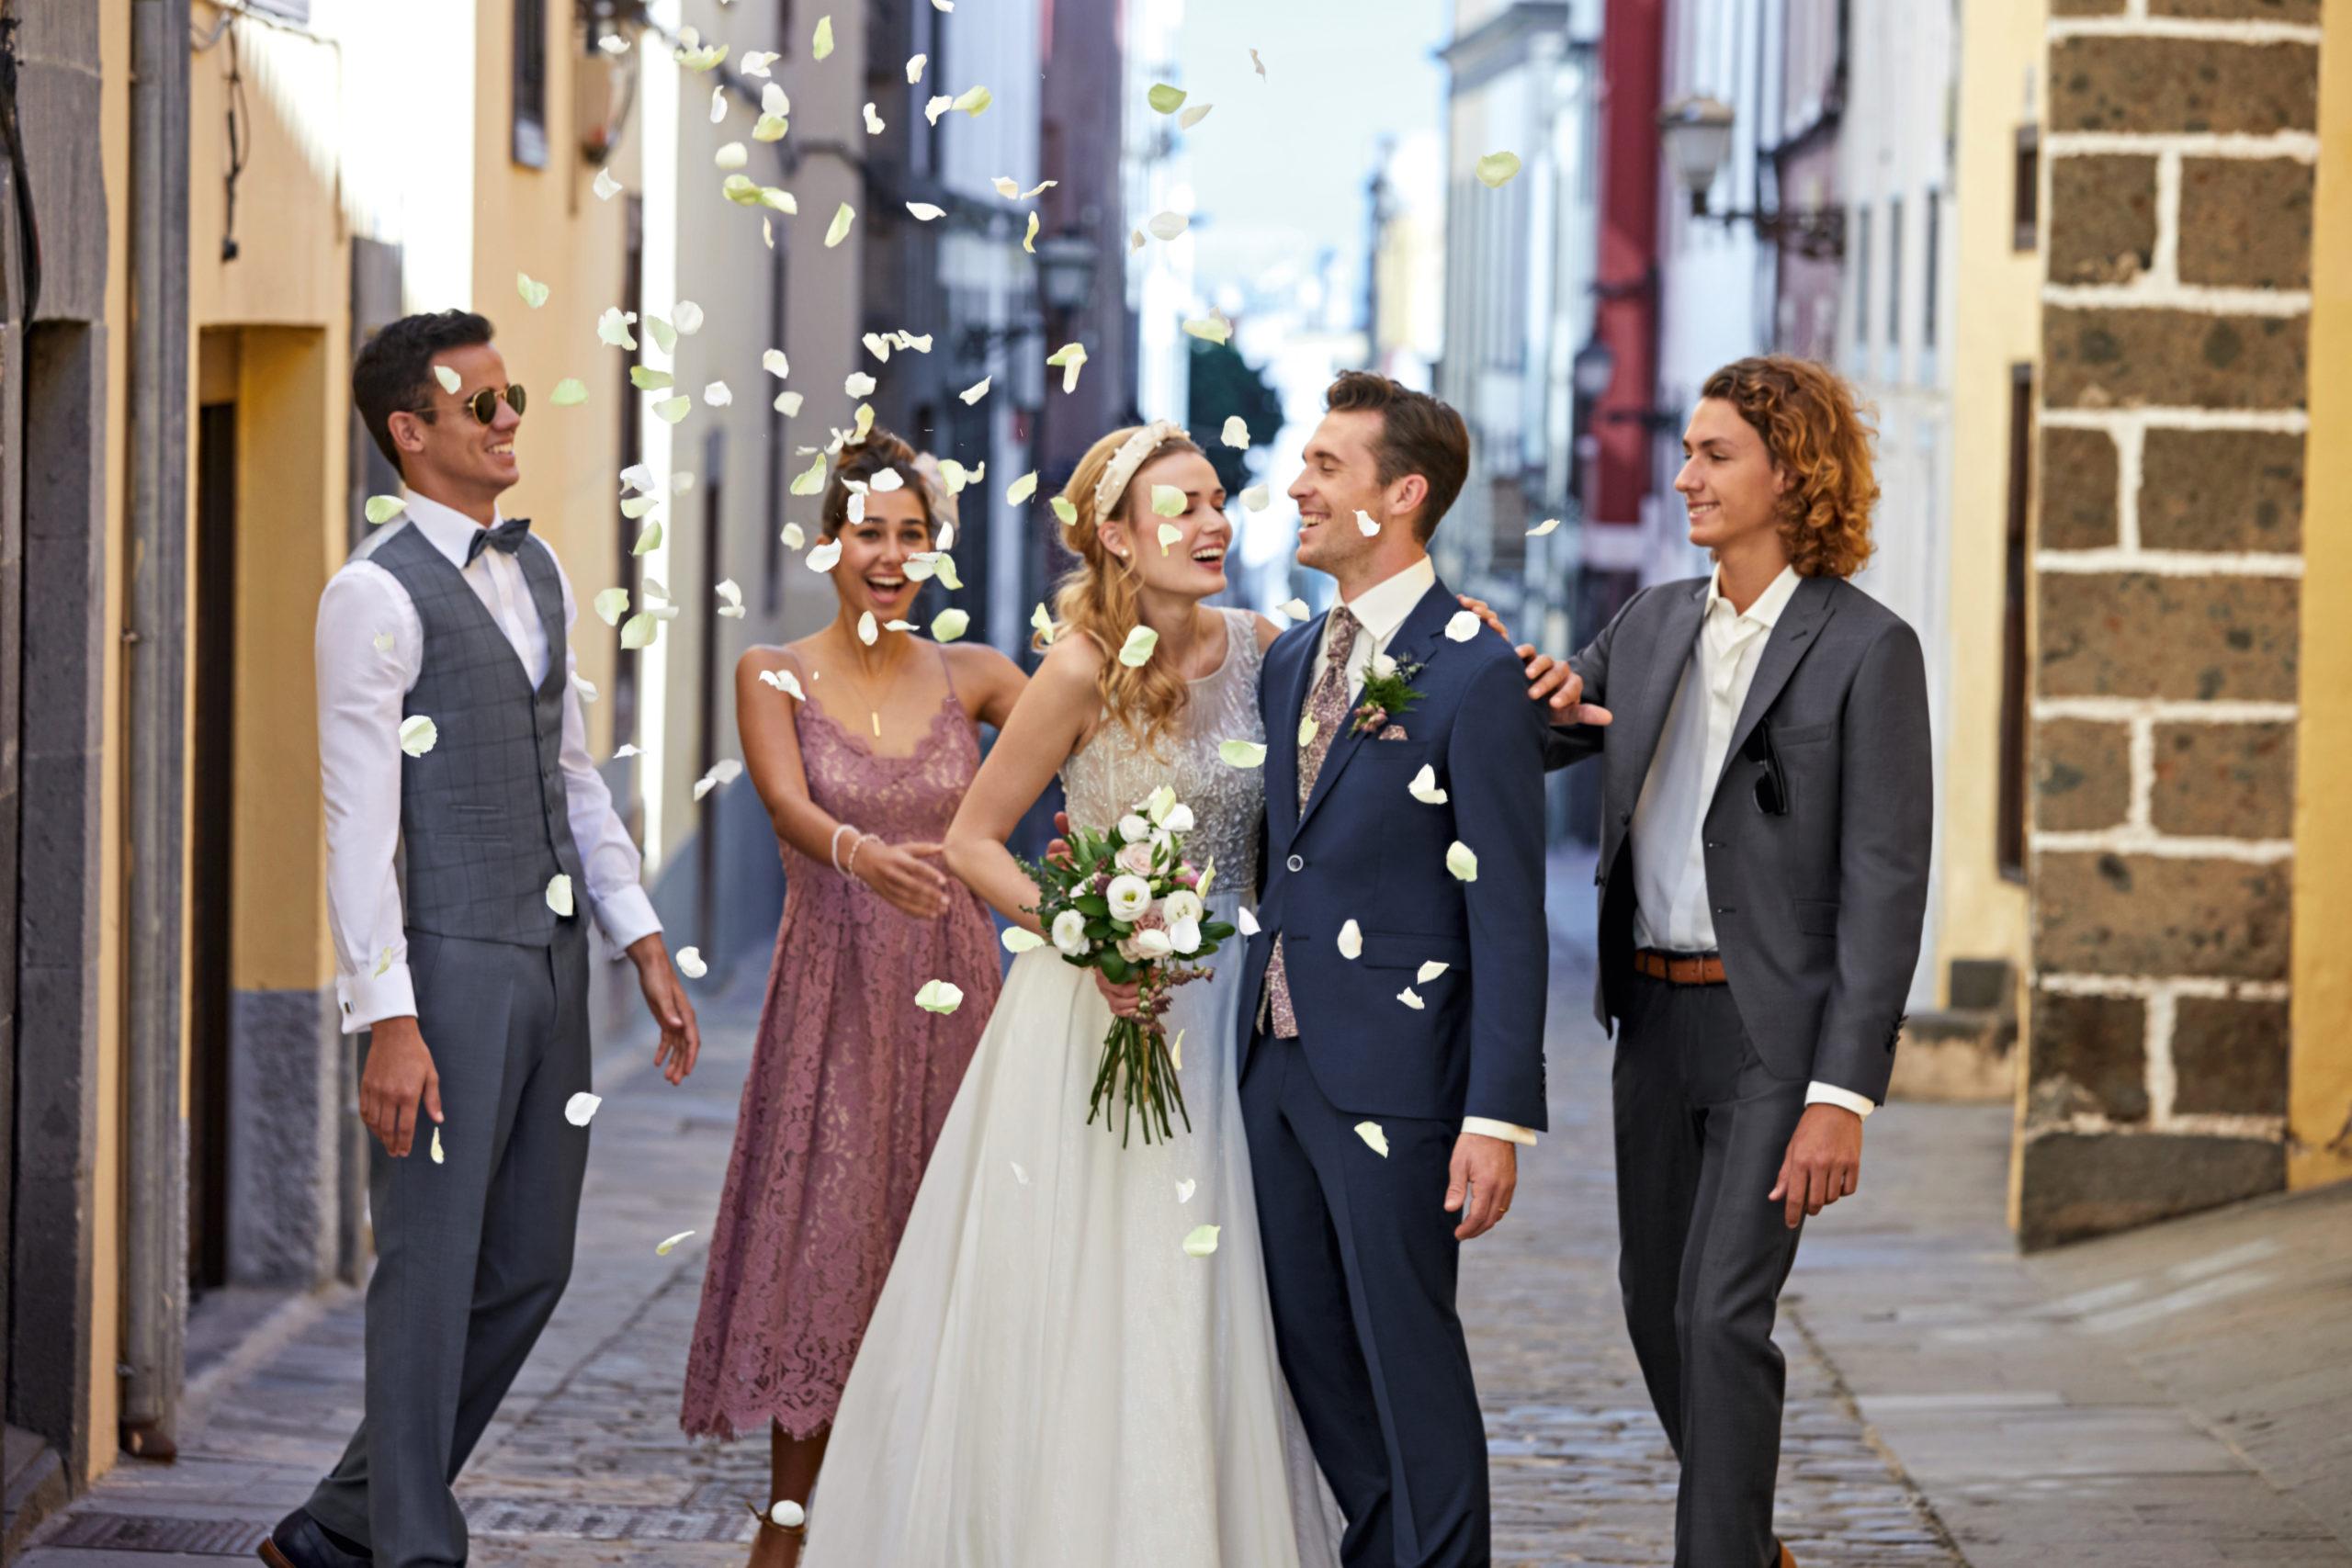 Hochzeitsgesellschaft 2020, Quelle: Wilvorst